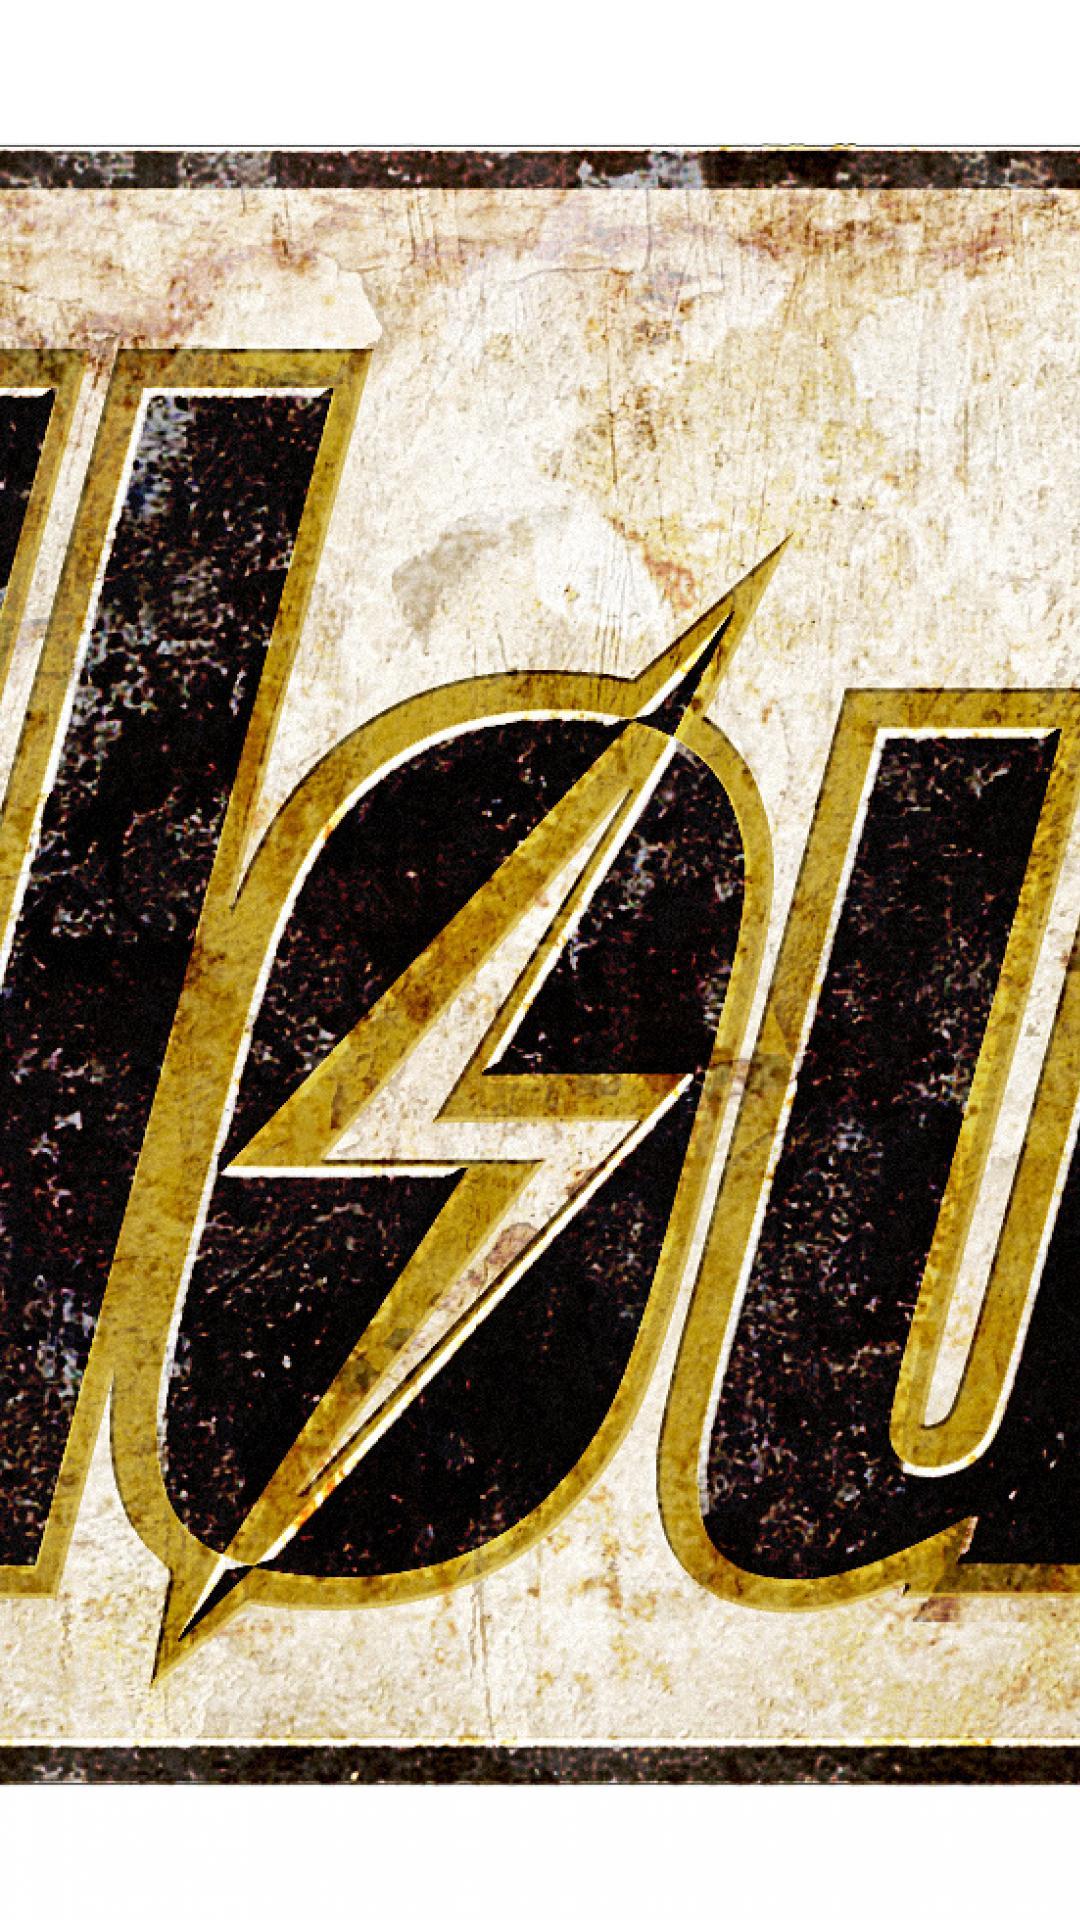 fallout logos logo desktop 2534x980 hd wallpaper 215483jpg 1080x1920